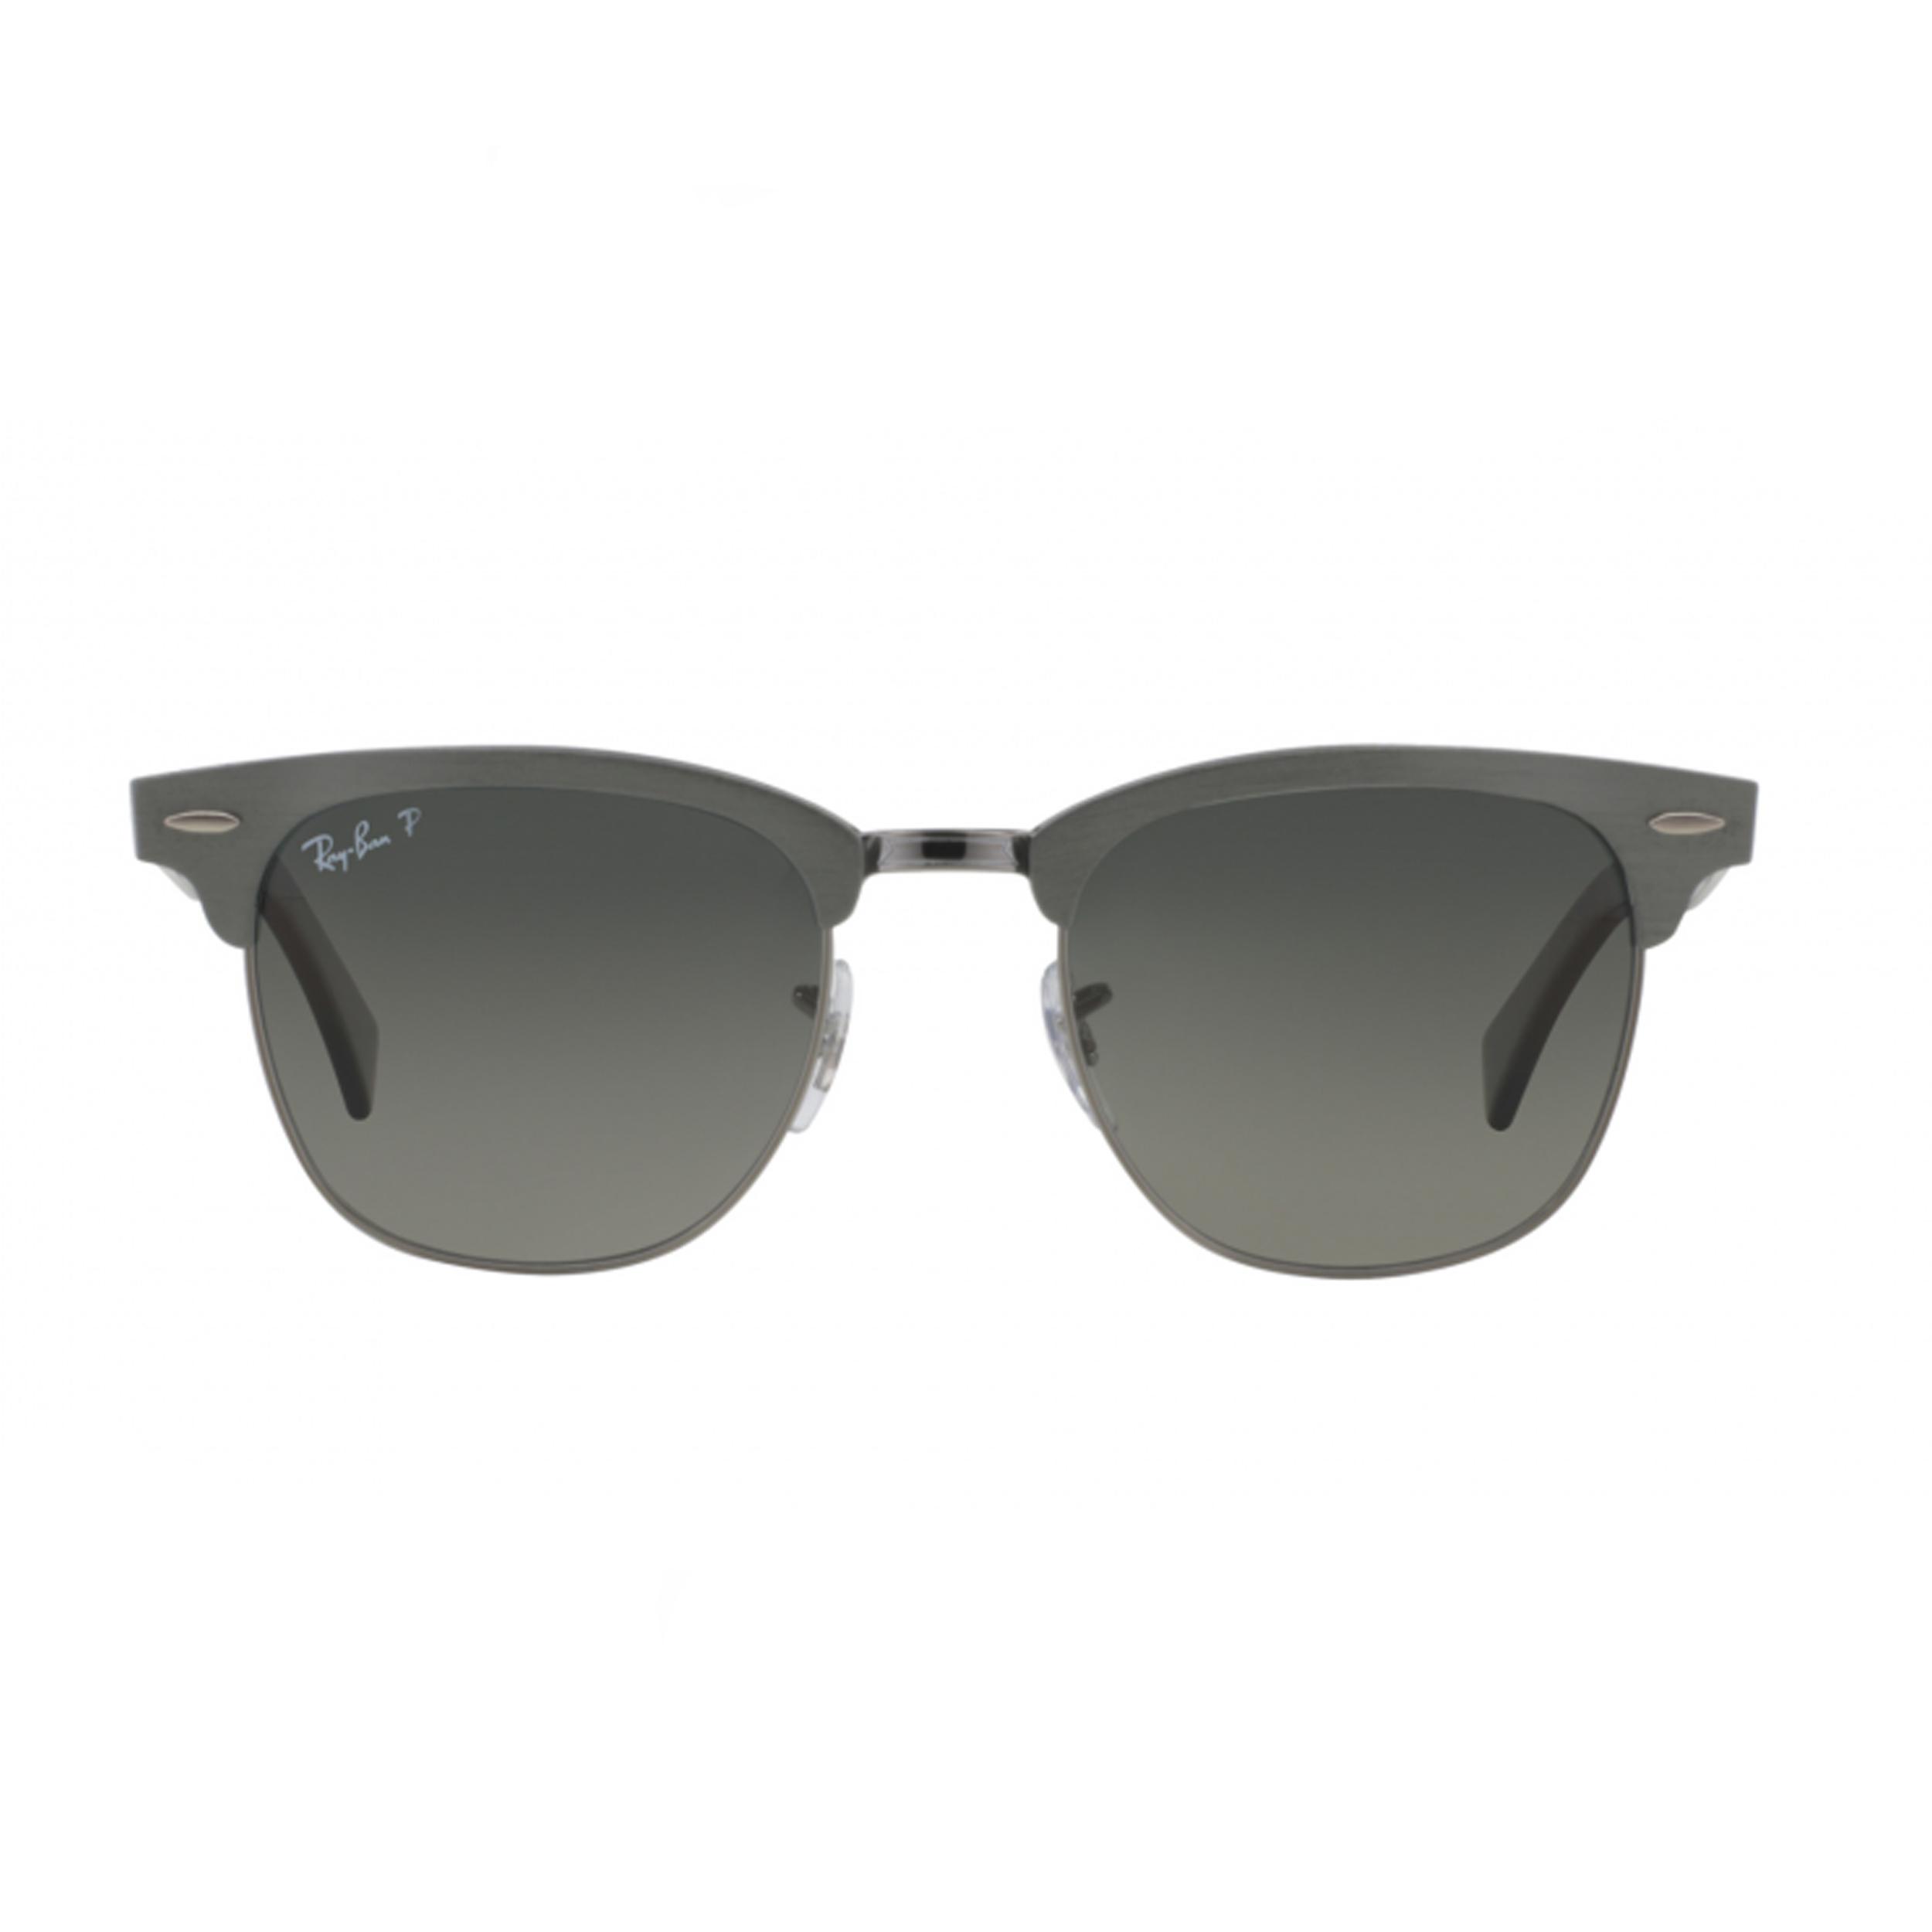 عینک آفتابی مردانه ری بن مدل 3507-138/M8-51